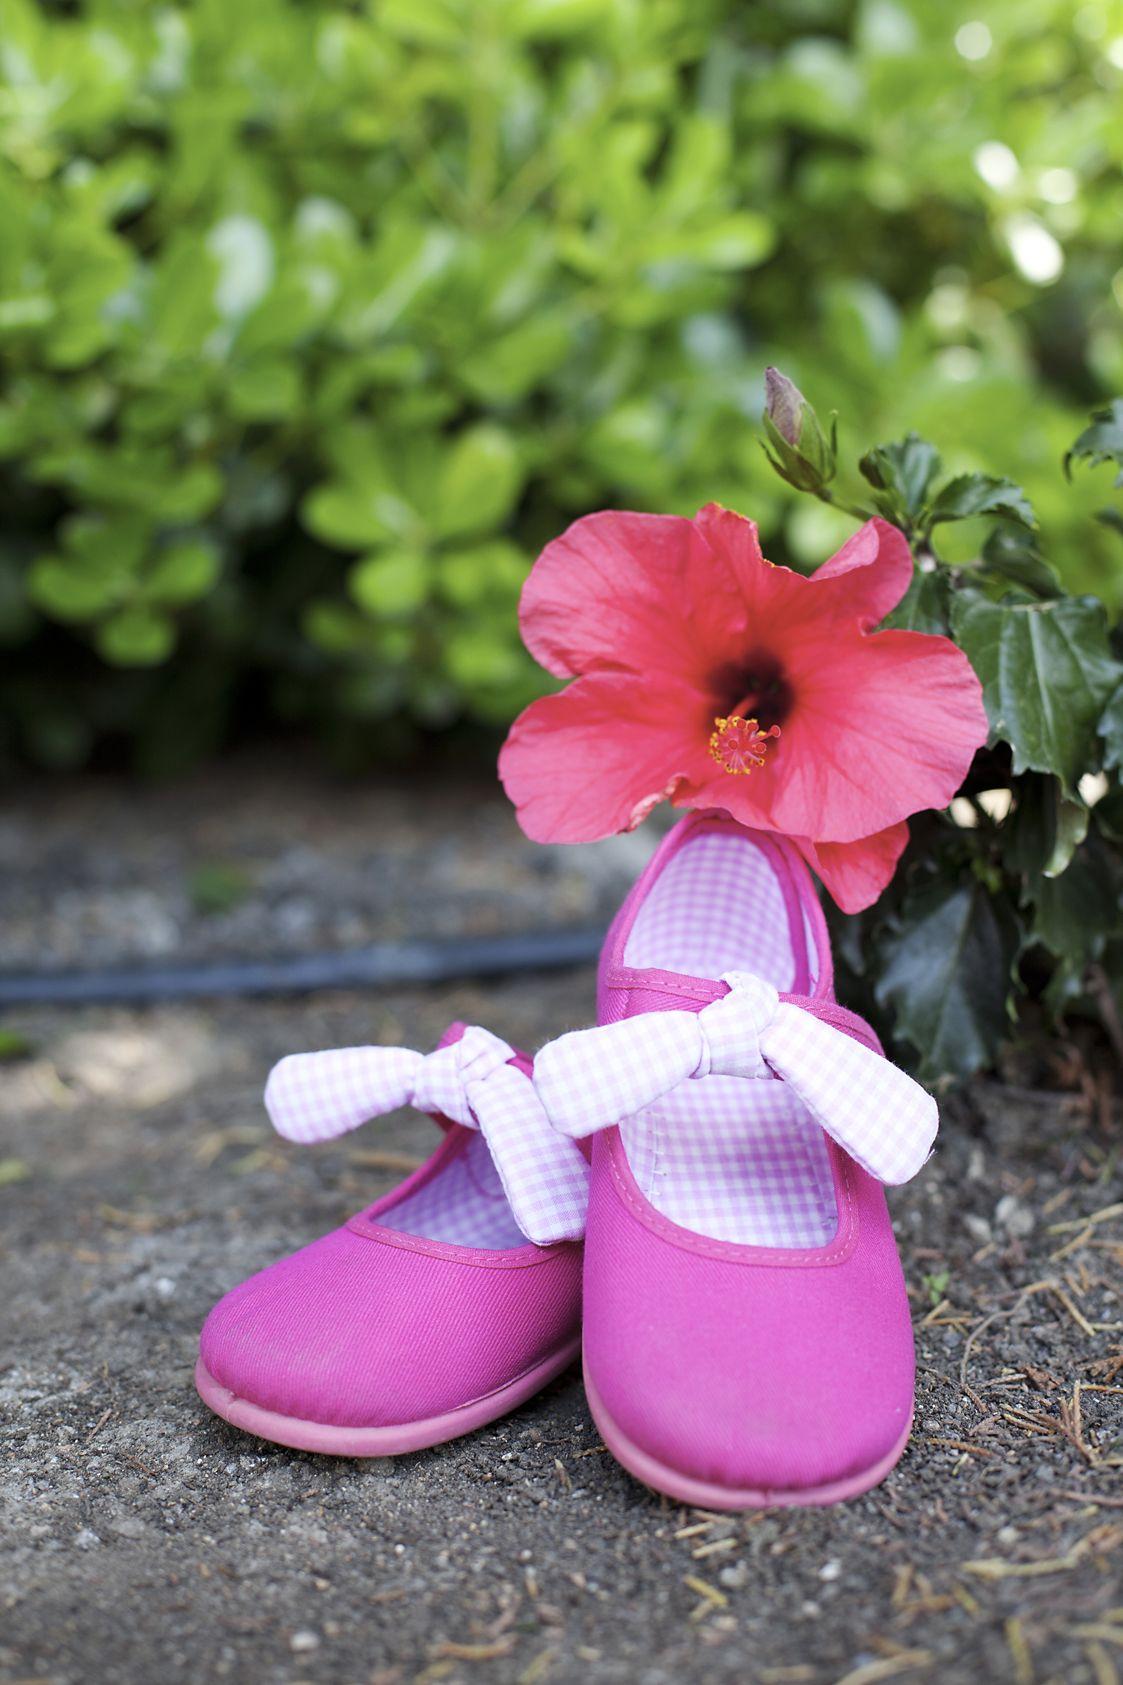 Merceditas de Lona con Velcro y Lazo de Vichy tipo Angelito. Ideales para los primeros pasos y para los meses de Primavera-Verano. #sapatos #maryjanes #chaussures